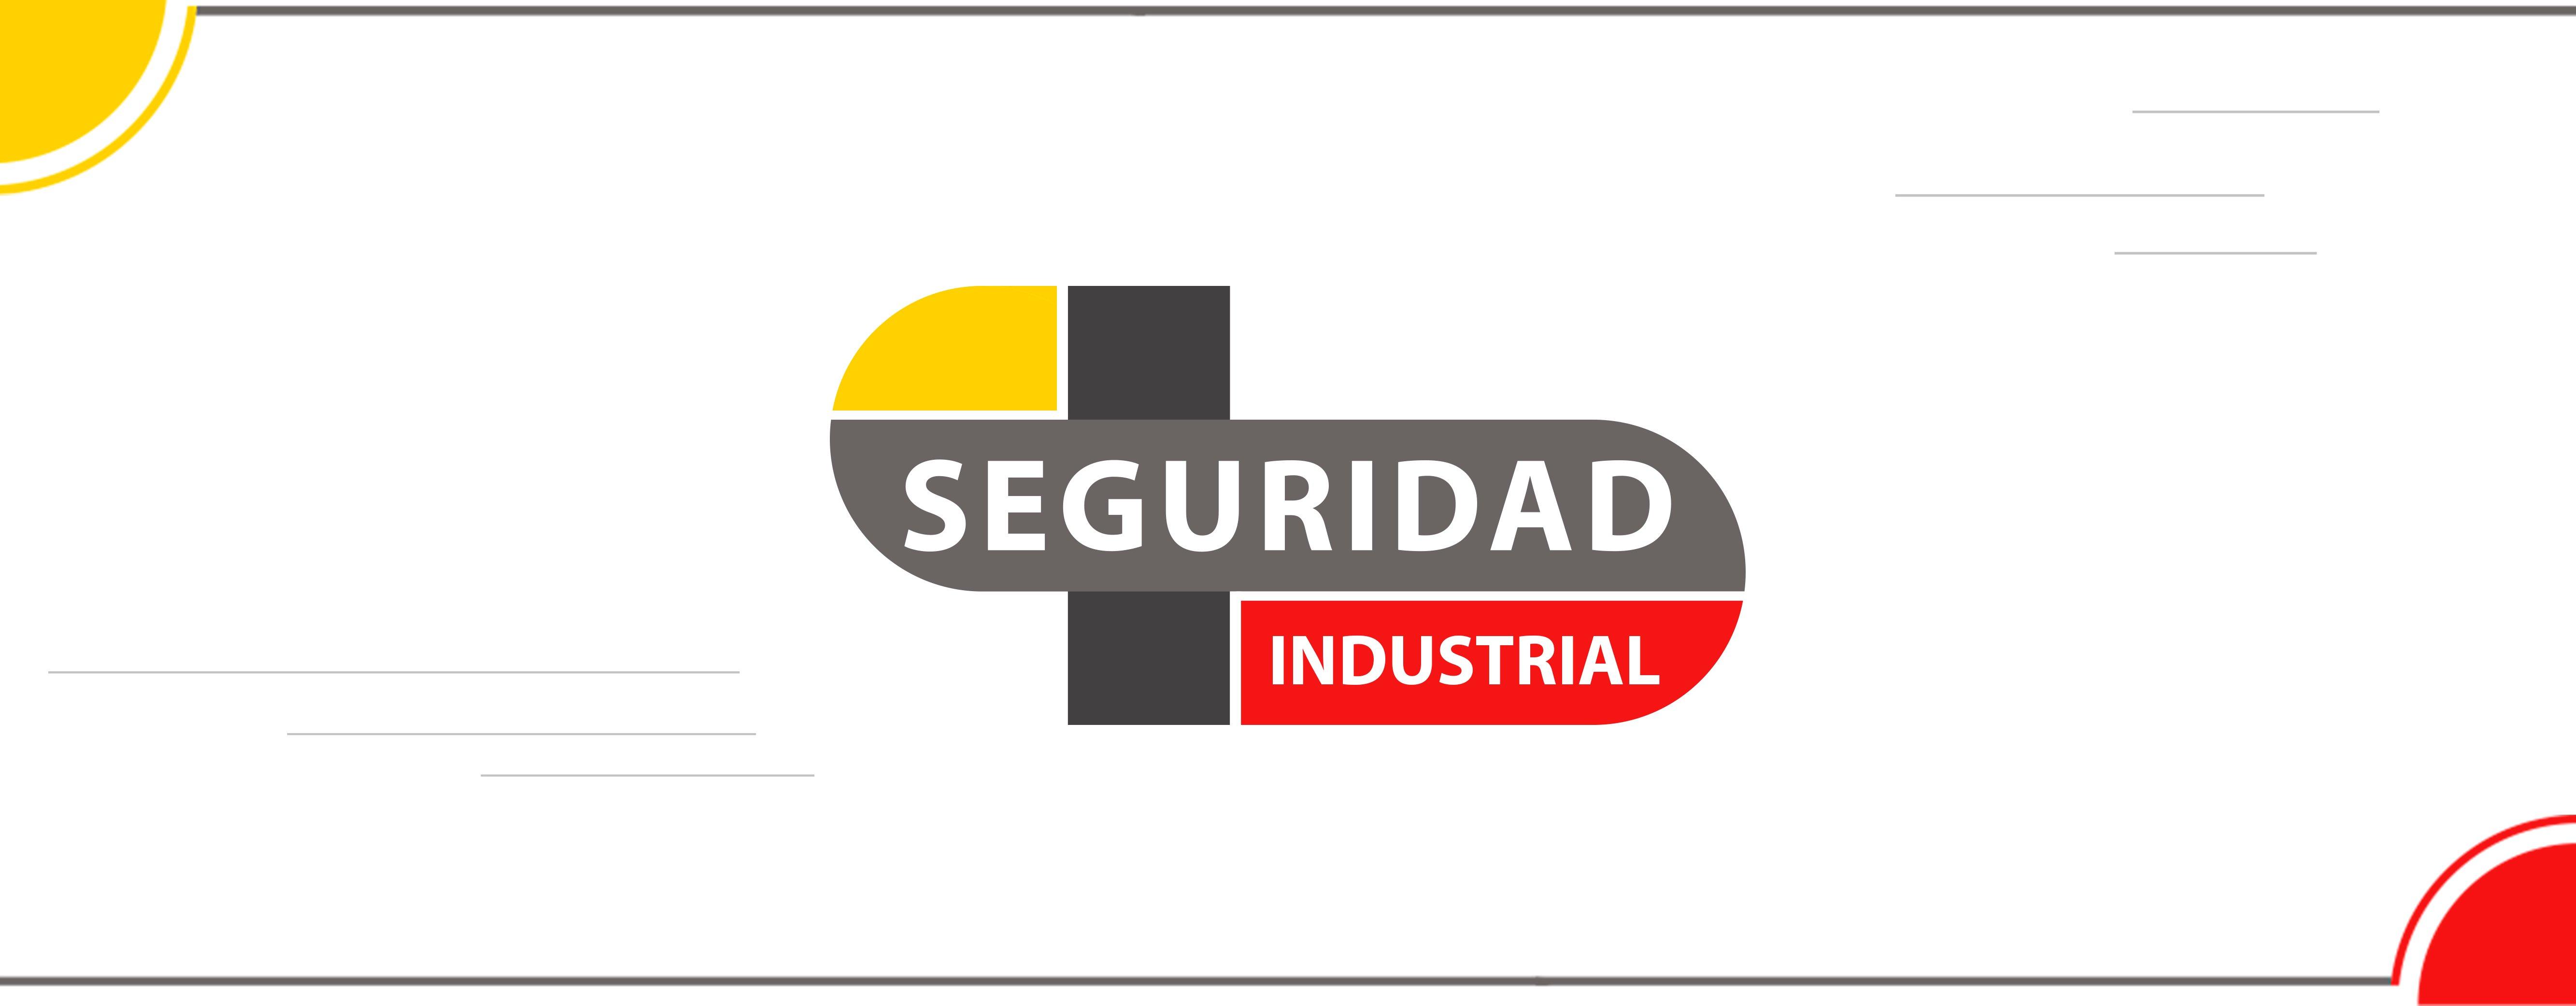 seguridad-industrial-2019_cuau-portada